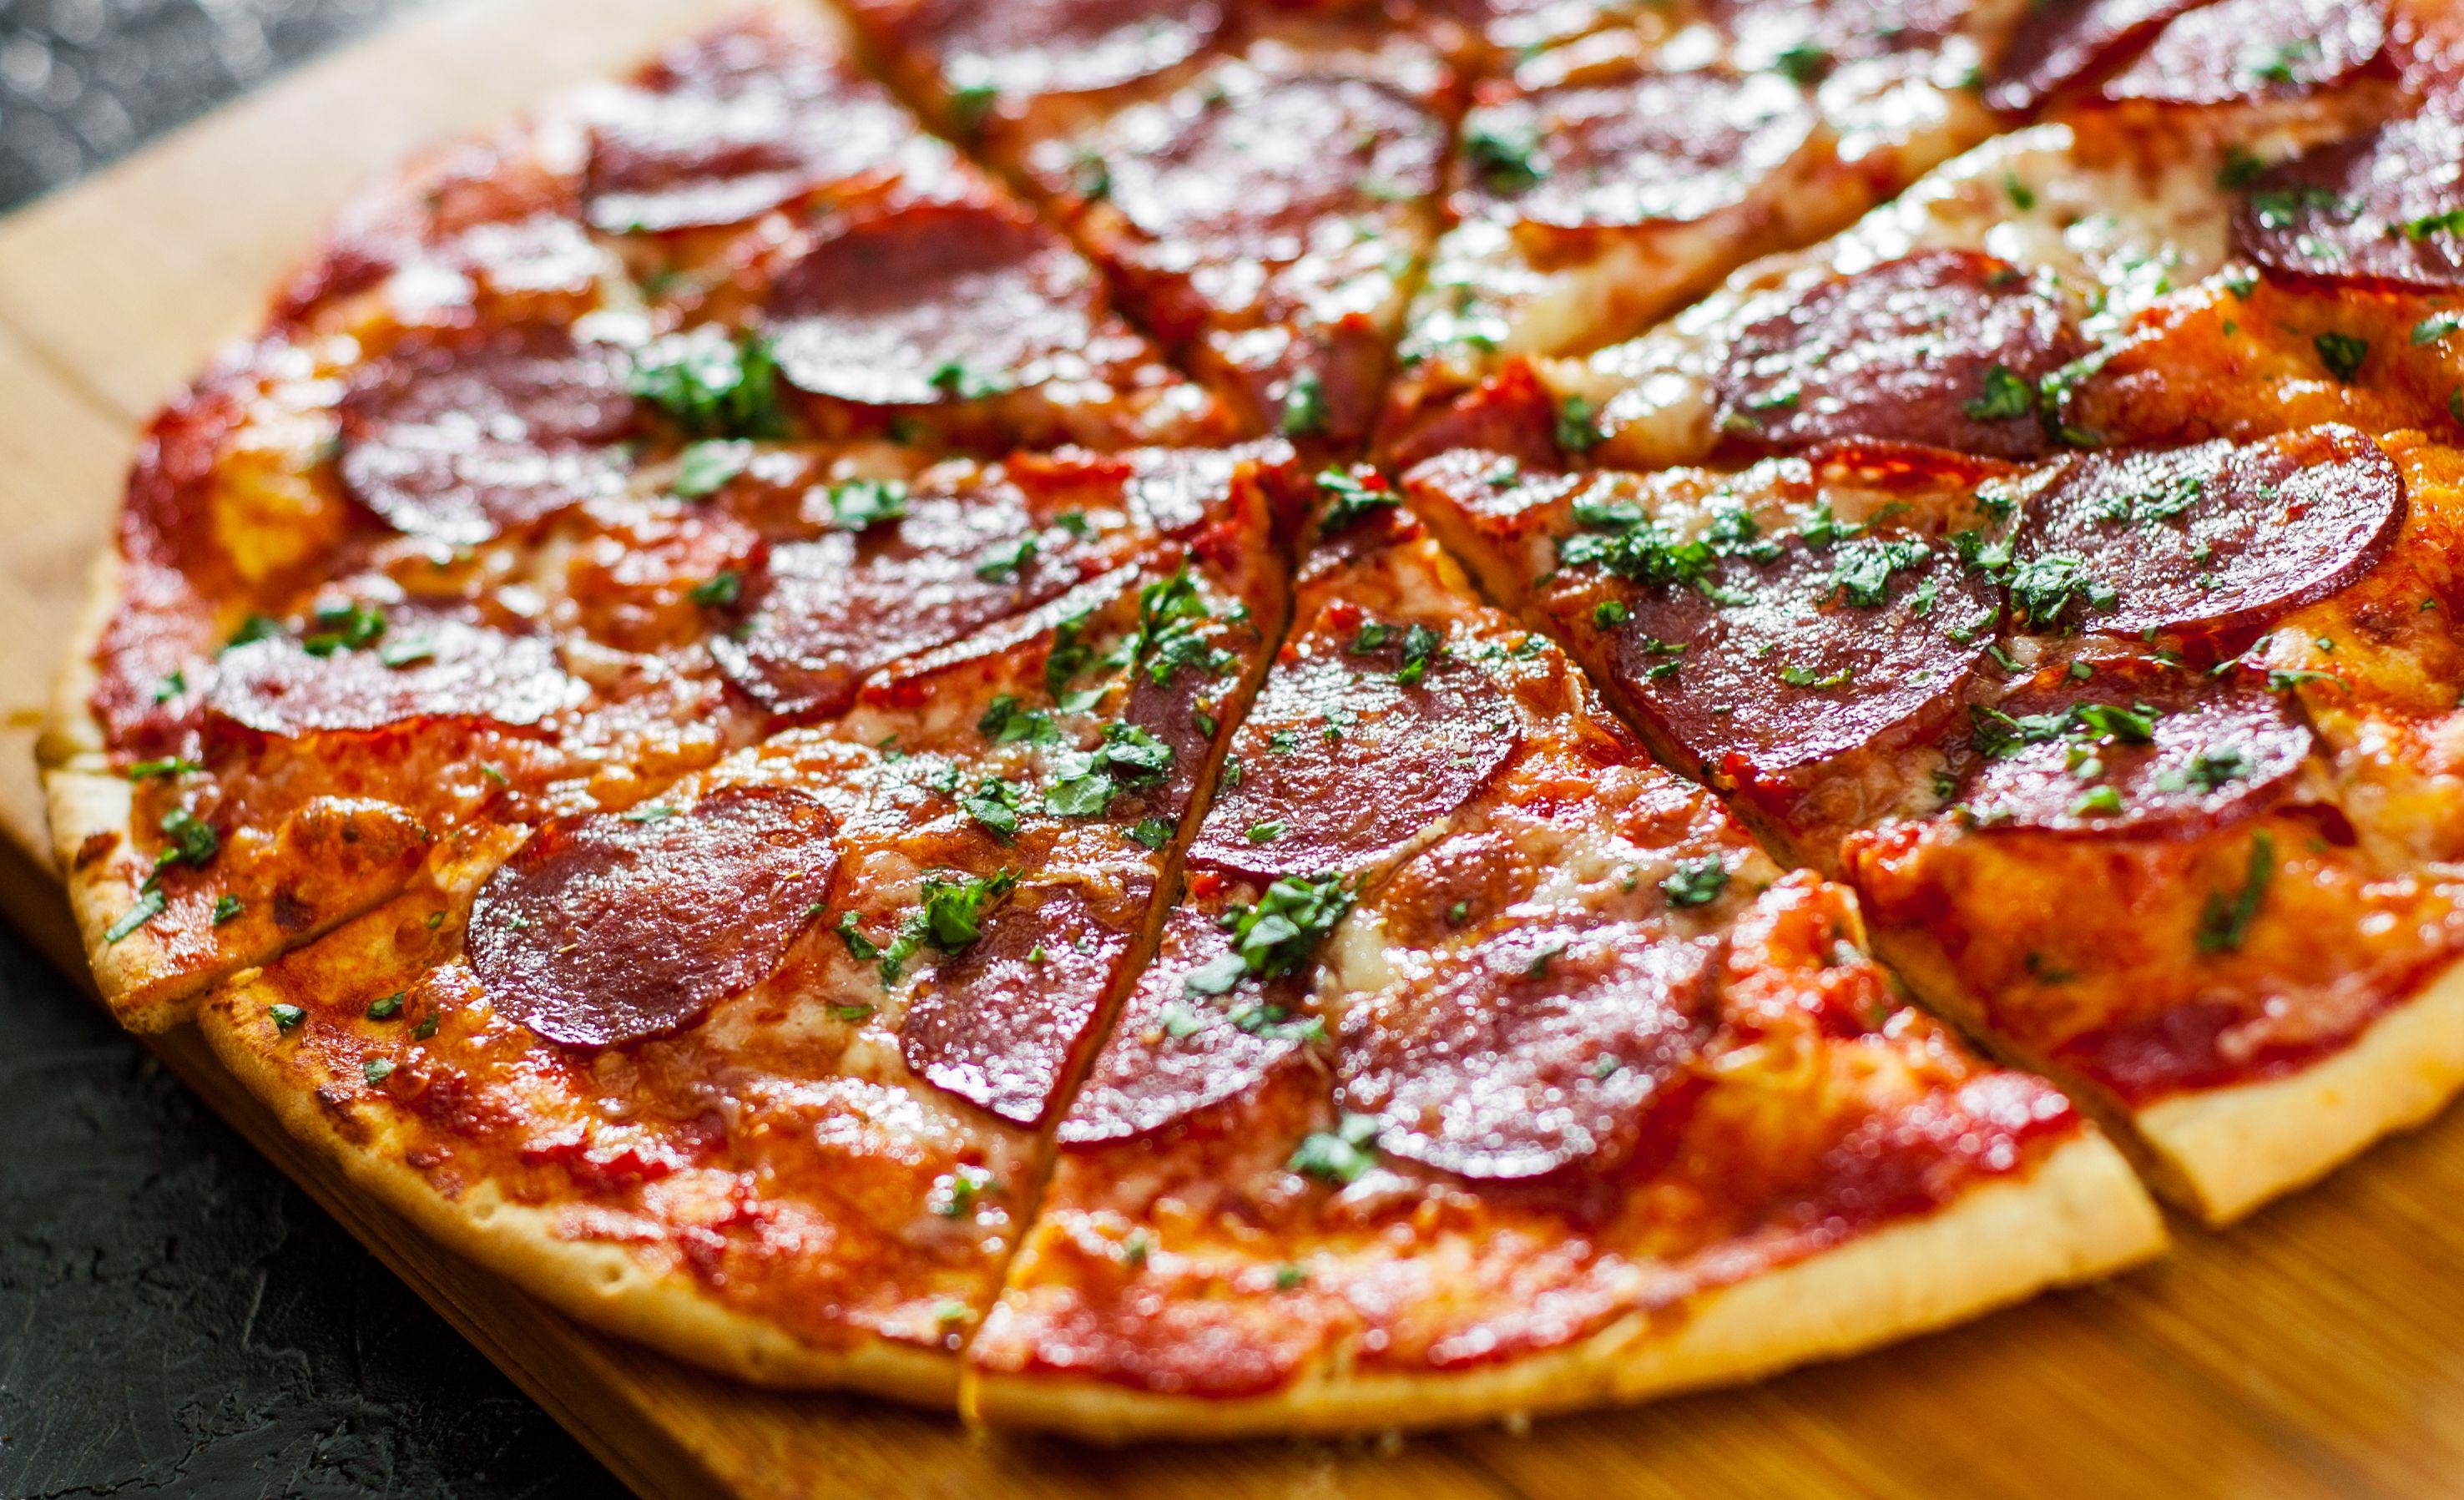 Las pizzas recomendadas por los lectores de Infobae (Shutterstock)